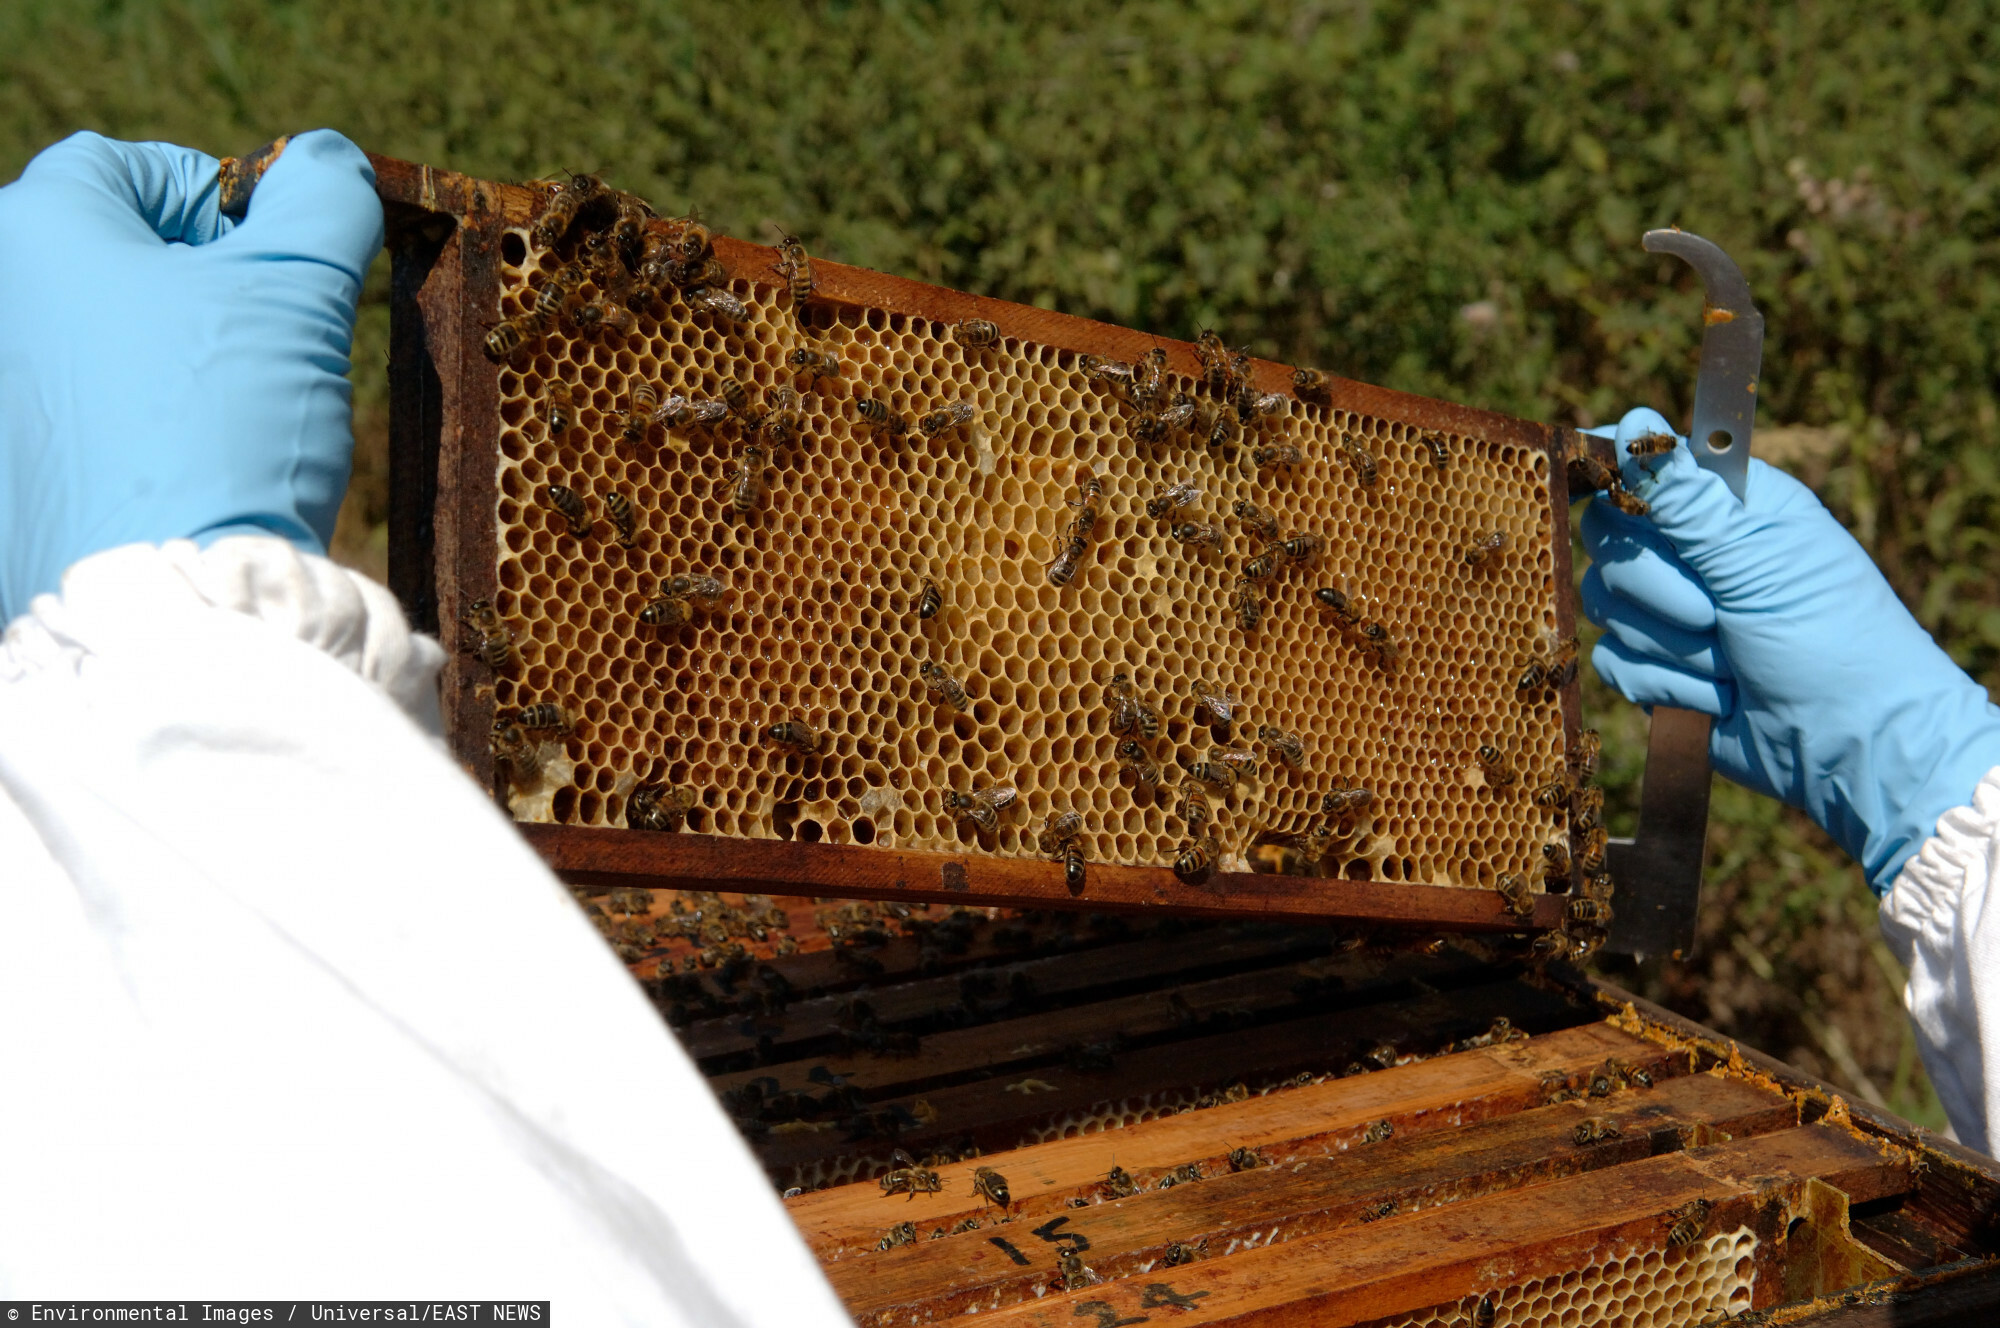 Pszczelarstwo - dodatkowe wsparcie